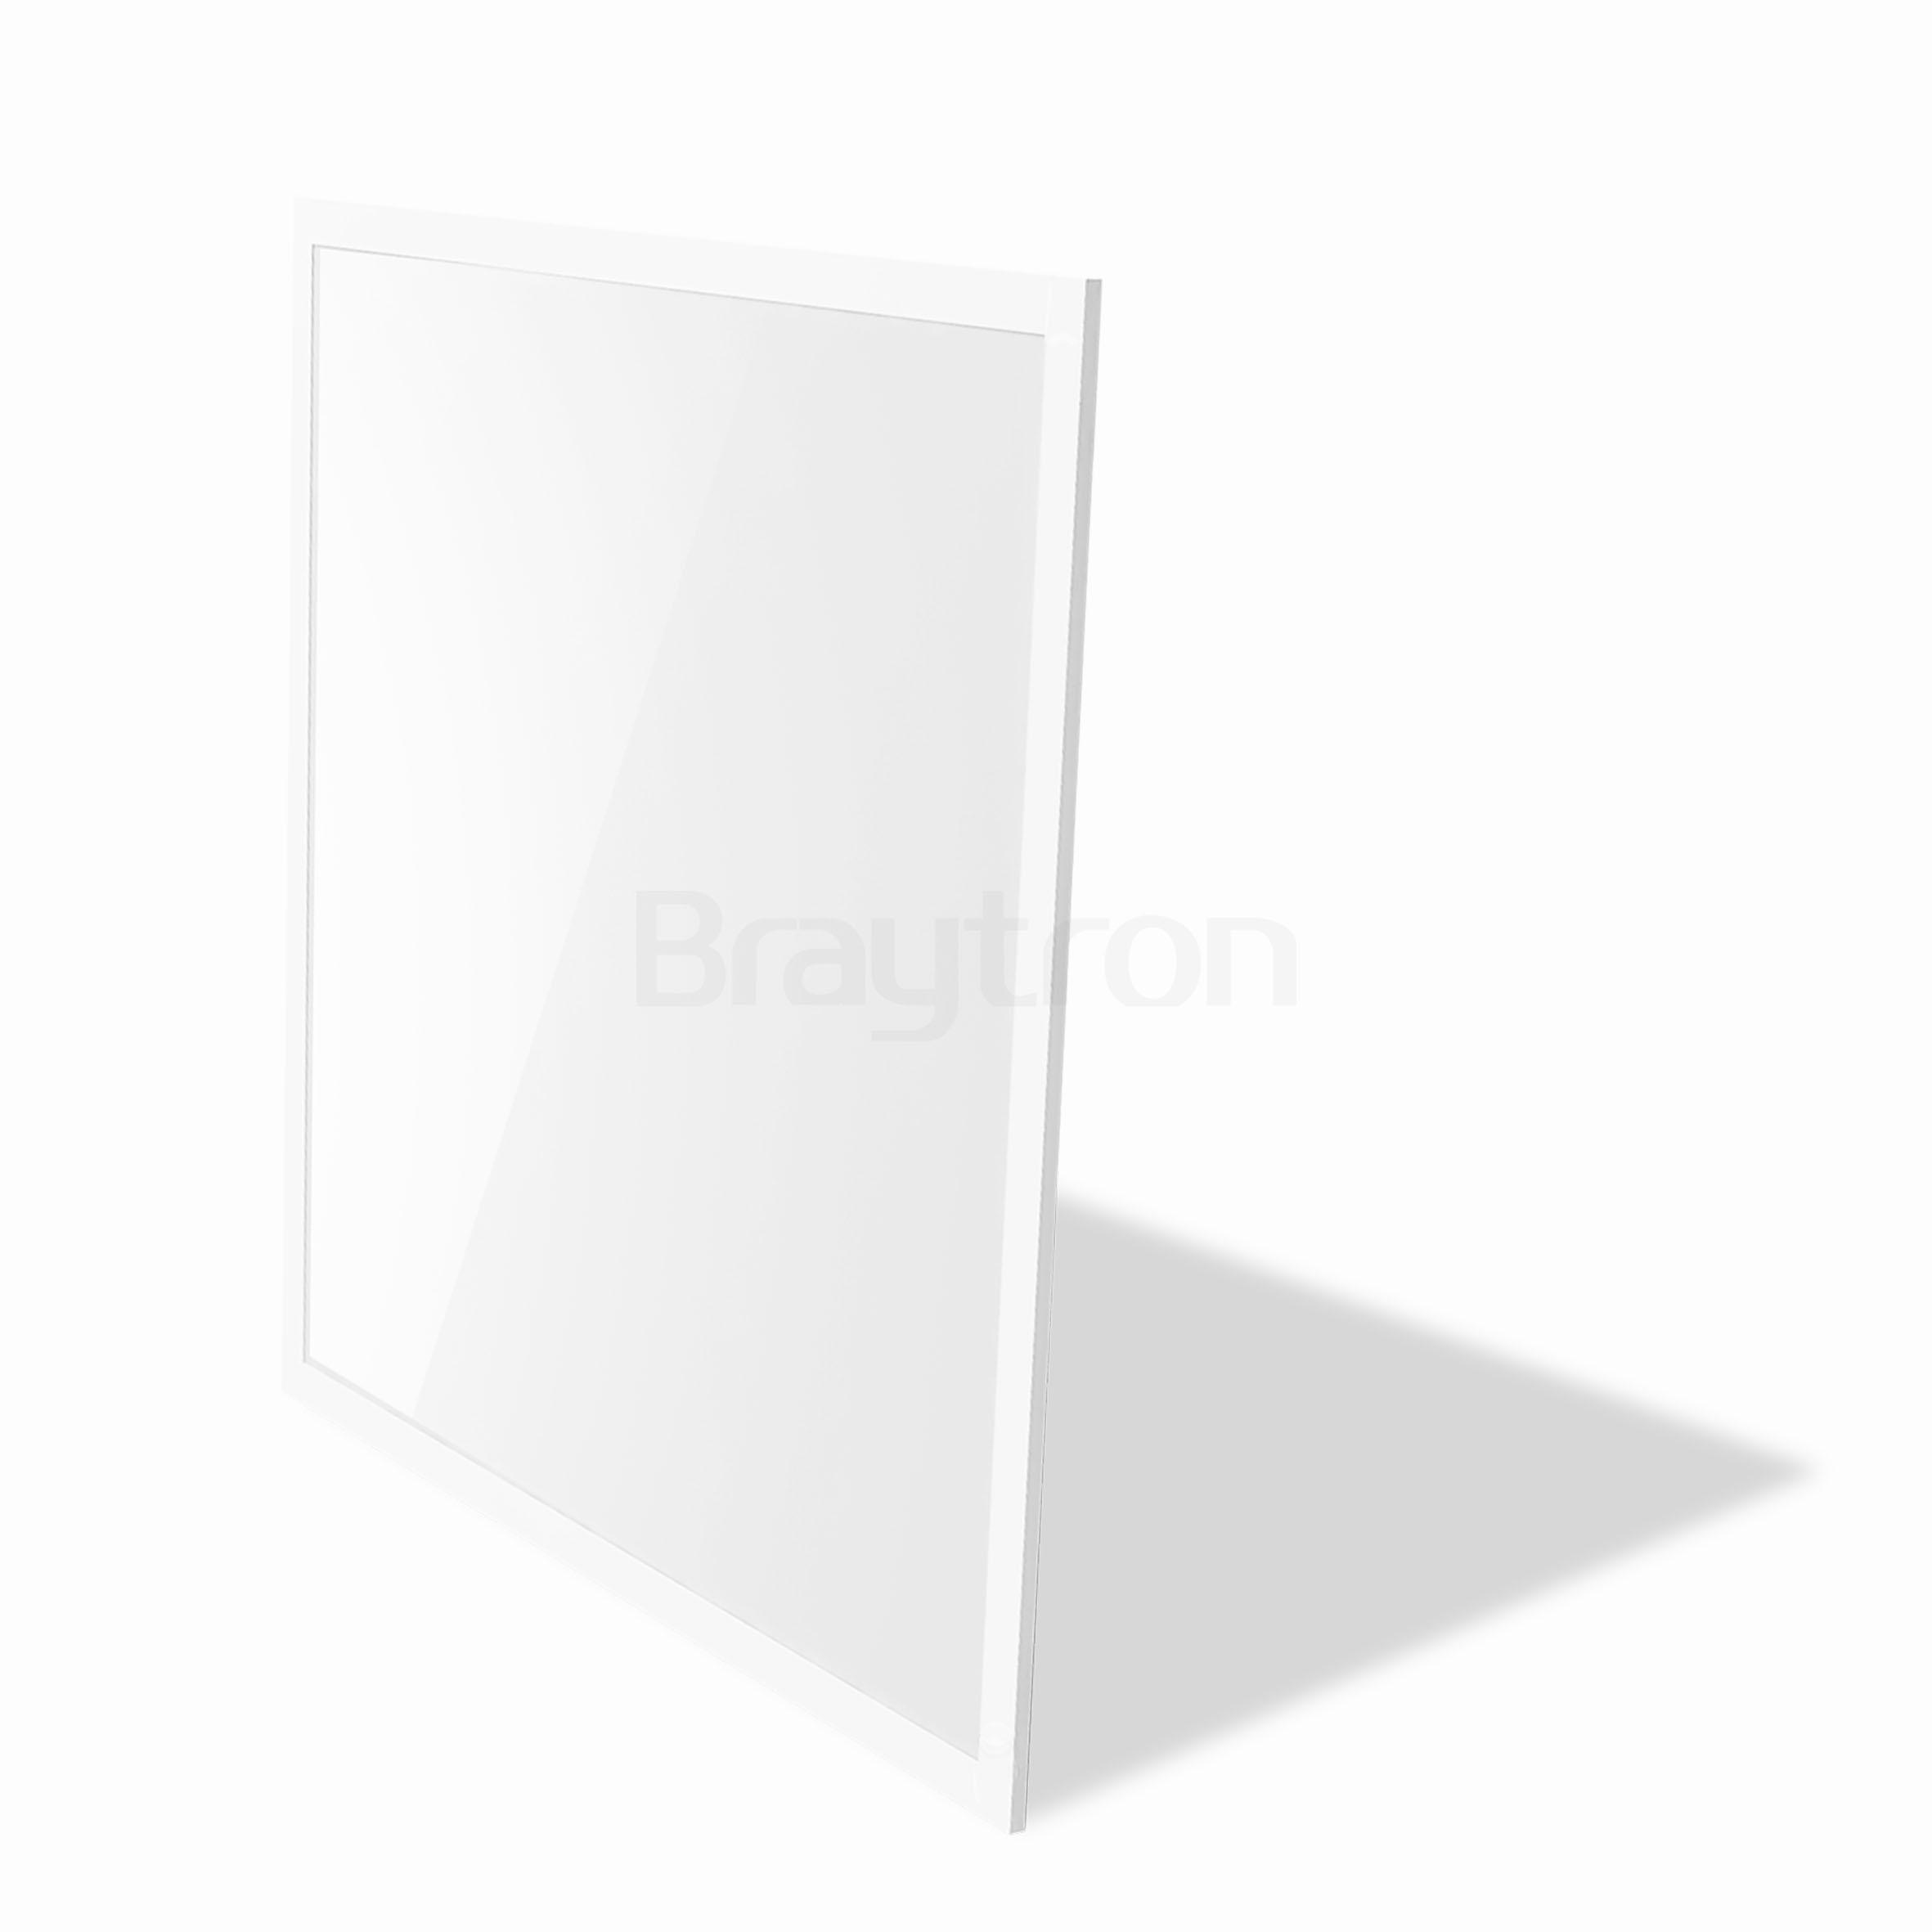 40w 60x60 Ledli Panel